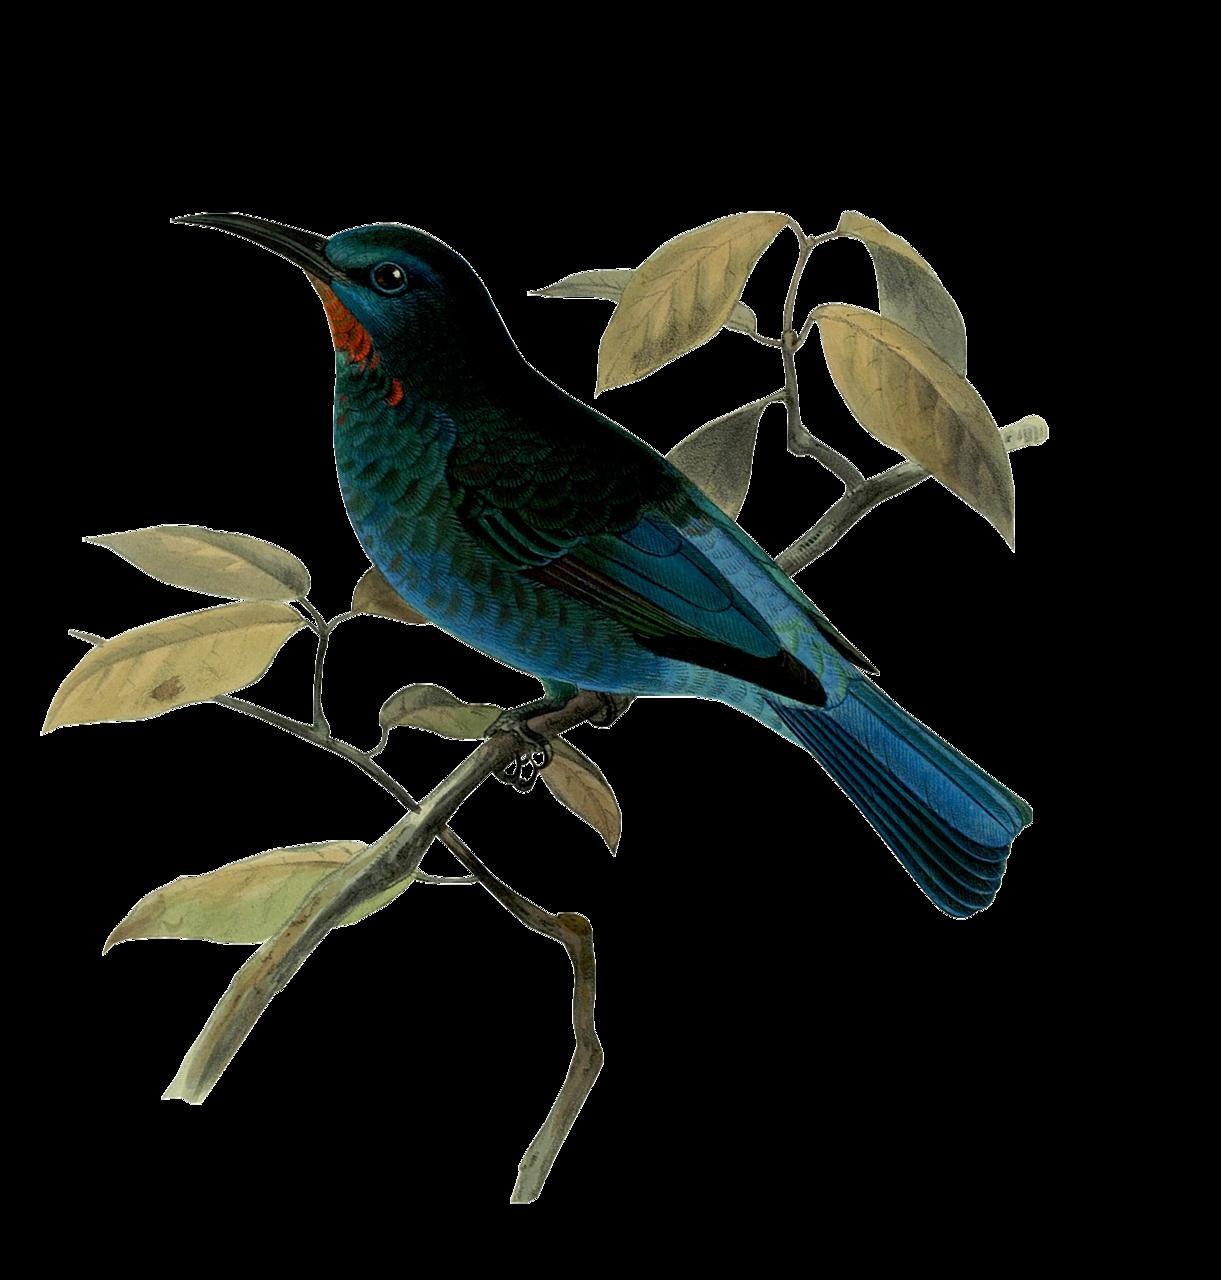 Птичка на веточке | Птицы, Птичка, Картинки